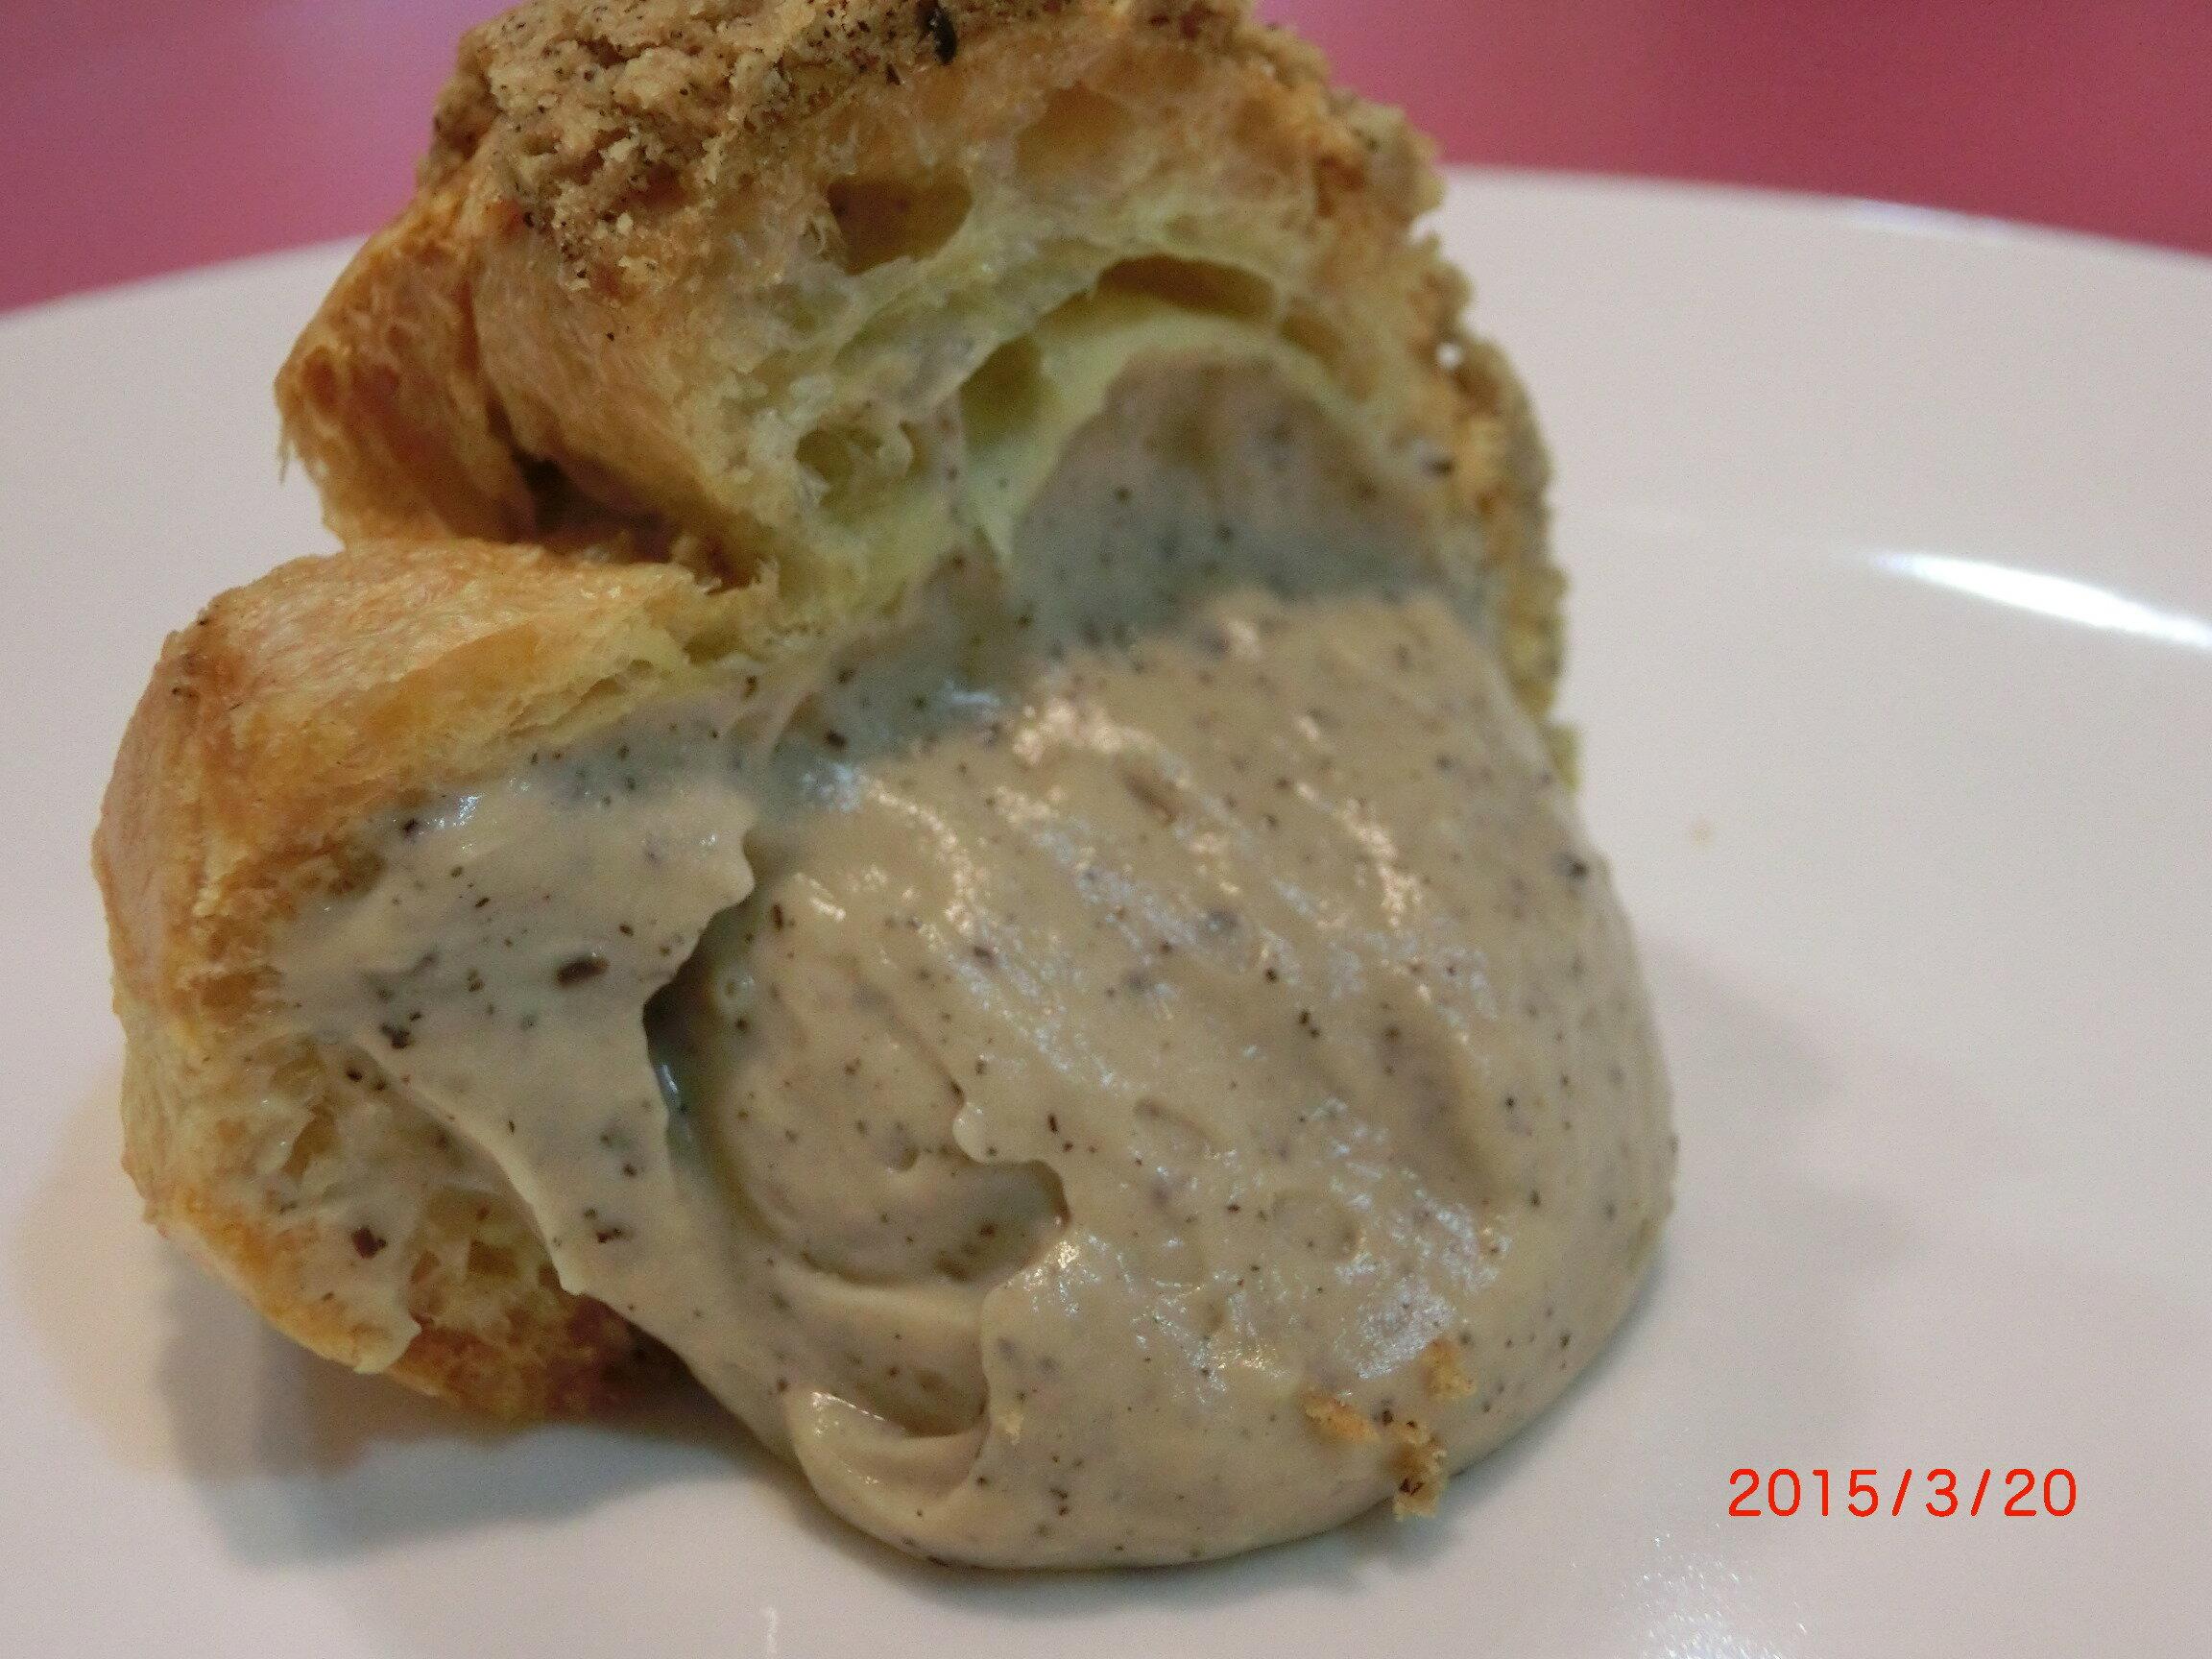 【戚風國度bite me】伯爵泡芙   酥脆餅乾外殼,散發著奶油的香氣,紐西蘭進口奶油製成如冰淇淋般的內餡。 [團購、伴手禮首選]